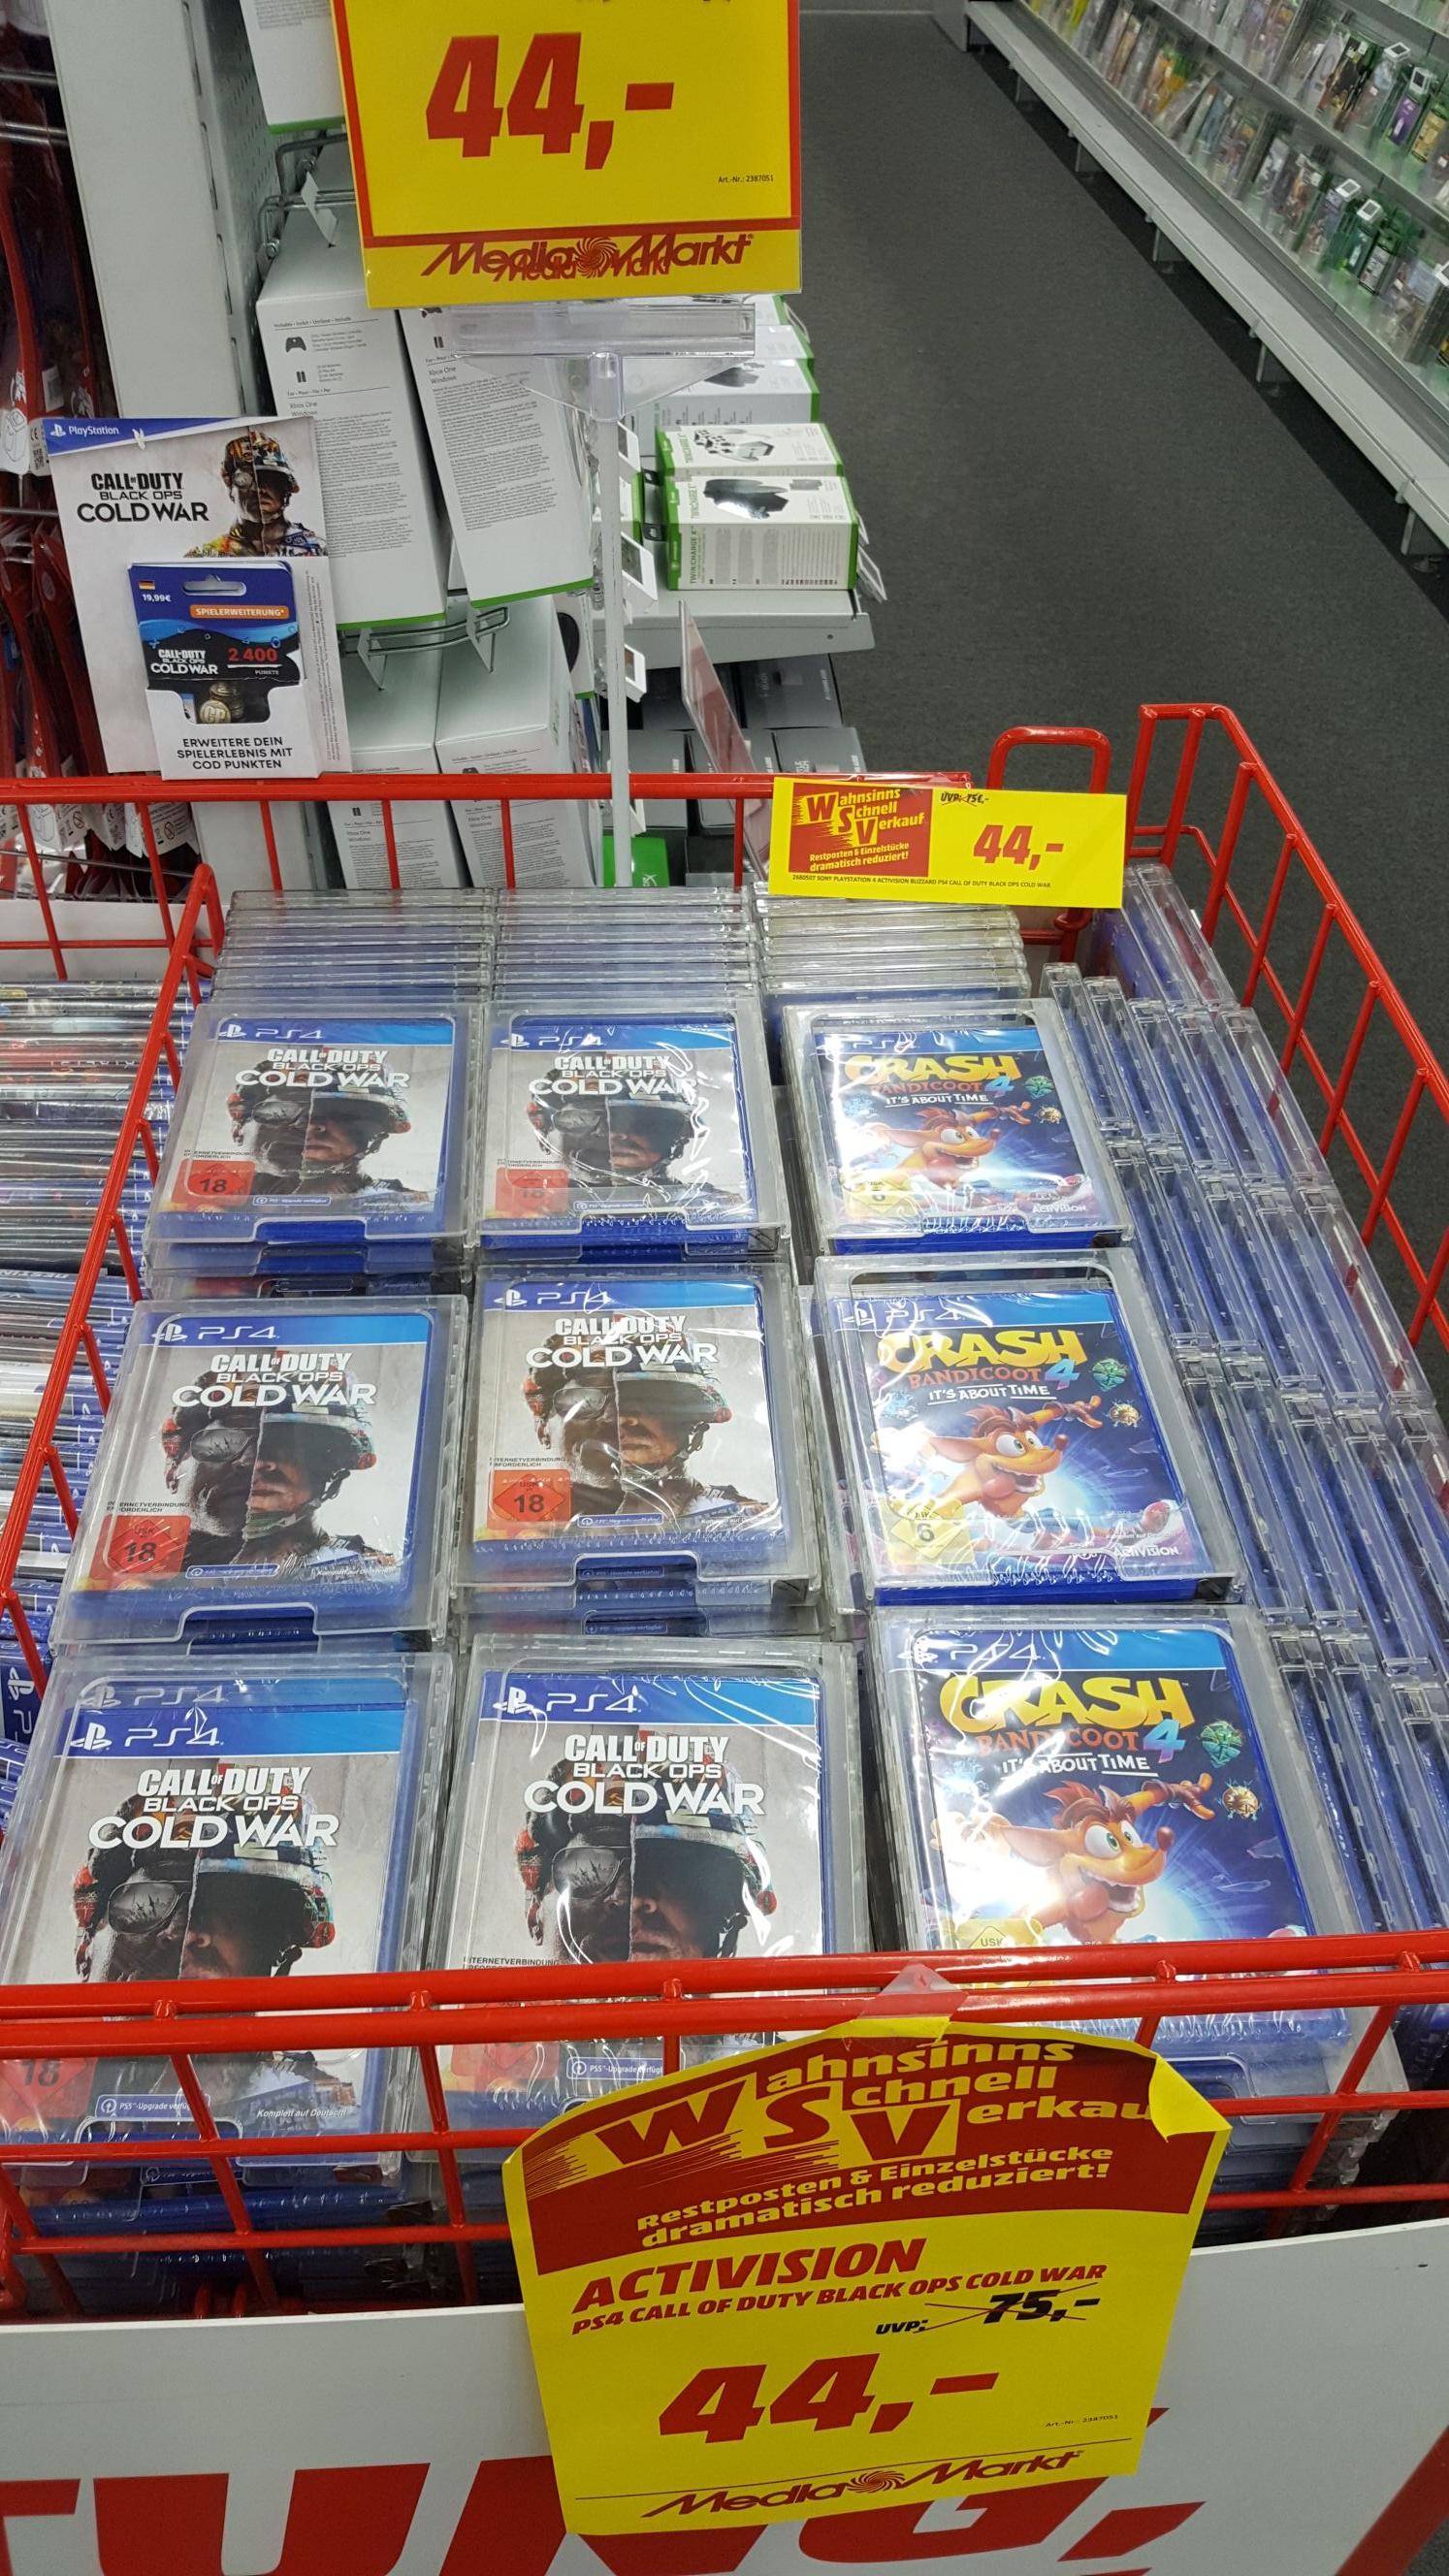 (Lokal MM Rostock Brinckmansdorf) Call of Duty: Black Ops Cold War PS4 für 44€ und diverse weitere Angebote